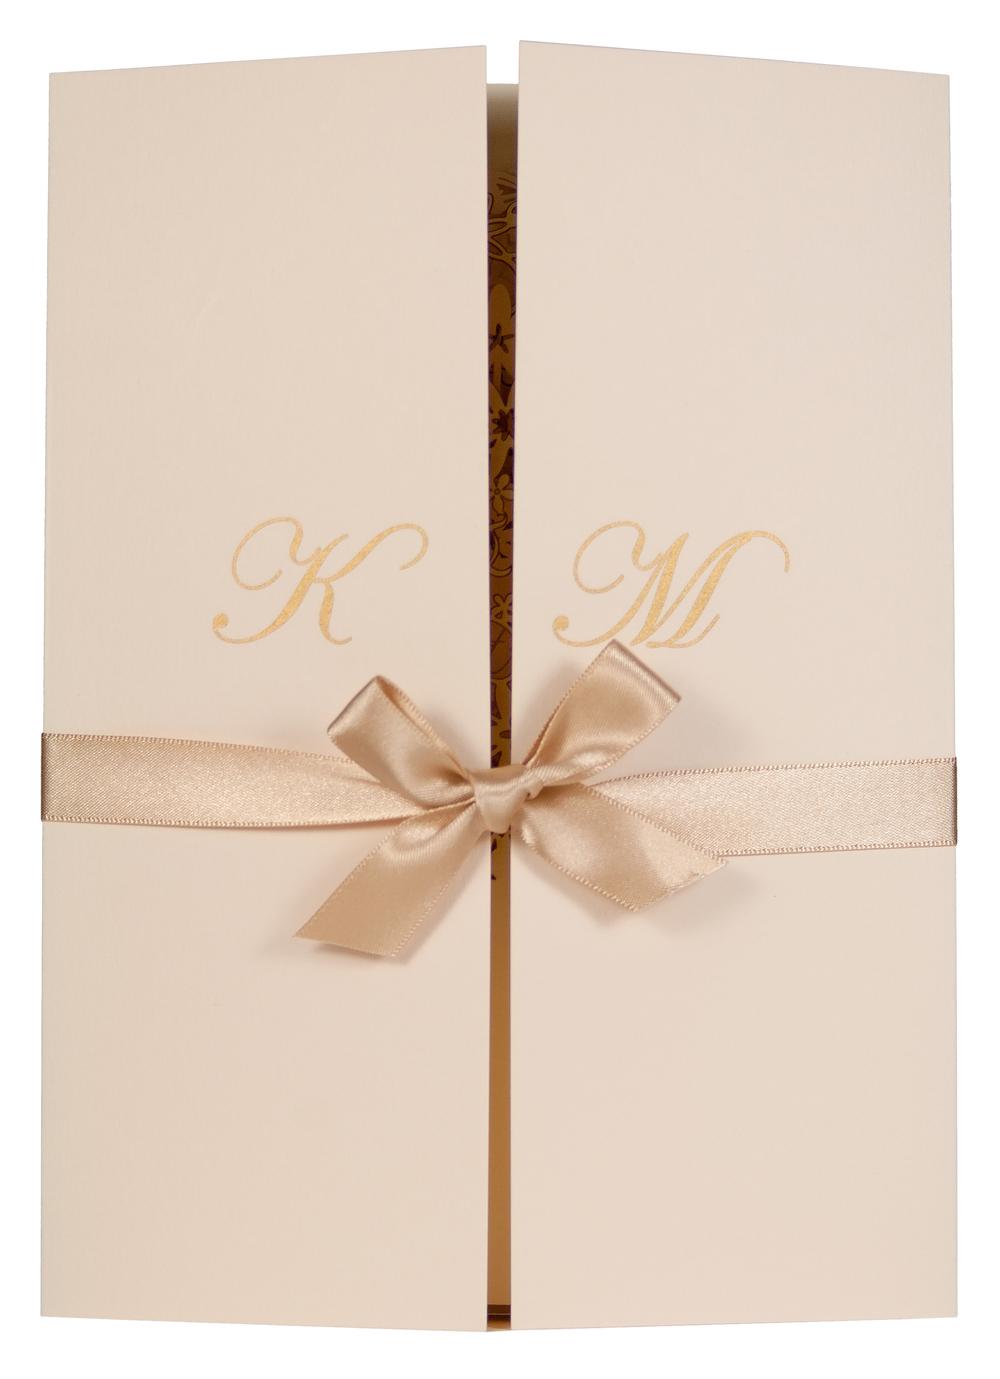 Chartula | Fairytale Bespoke Invitation Folder | Natural #LuxuryWedding #BespokeStationery #FairytaleWedding #PrincessBride | www.chartula.co.uk